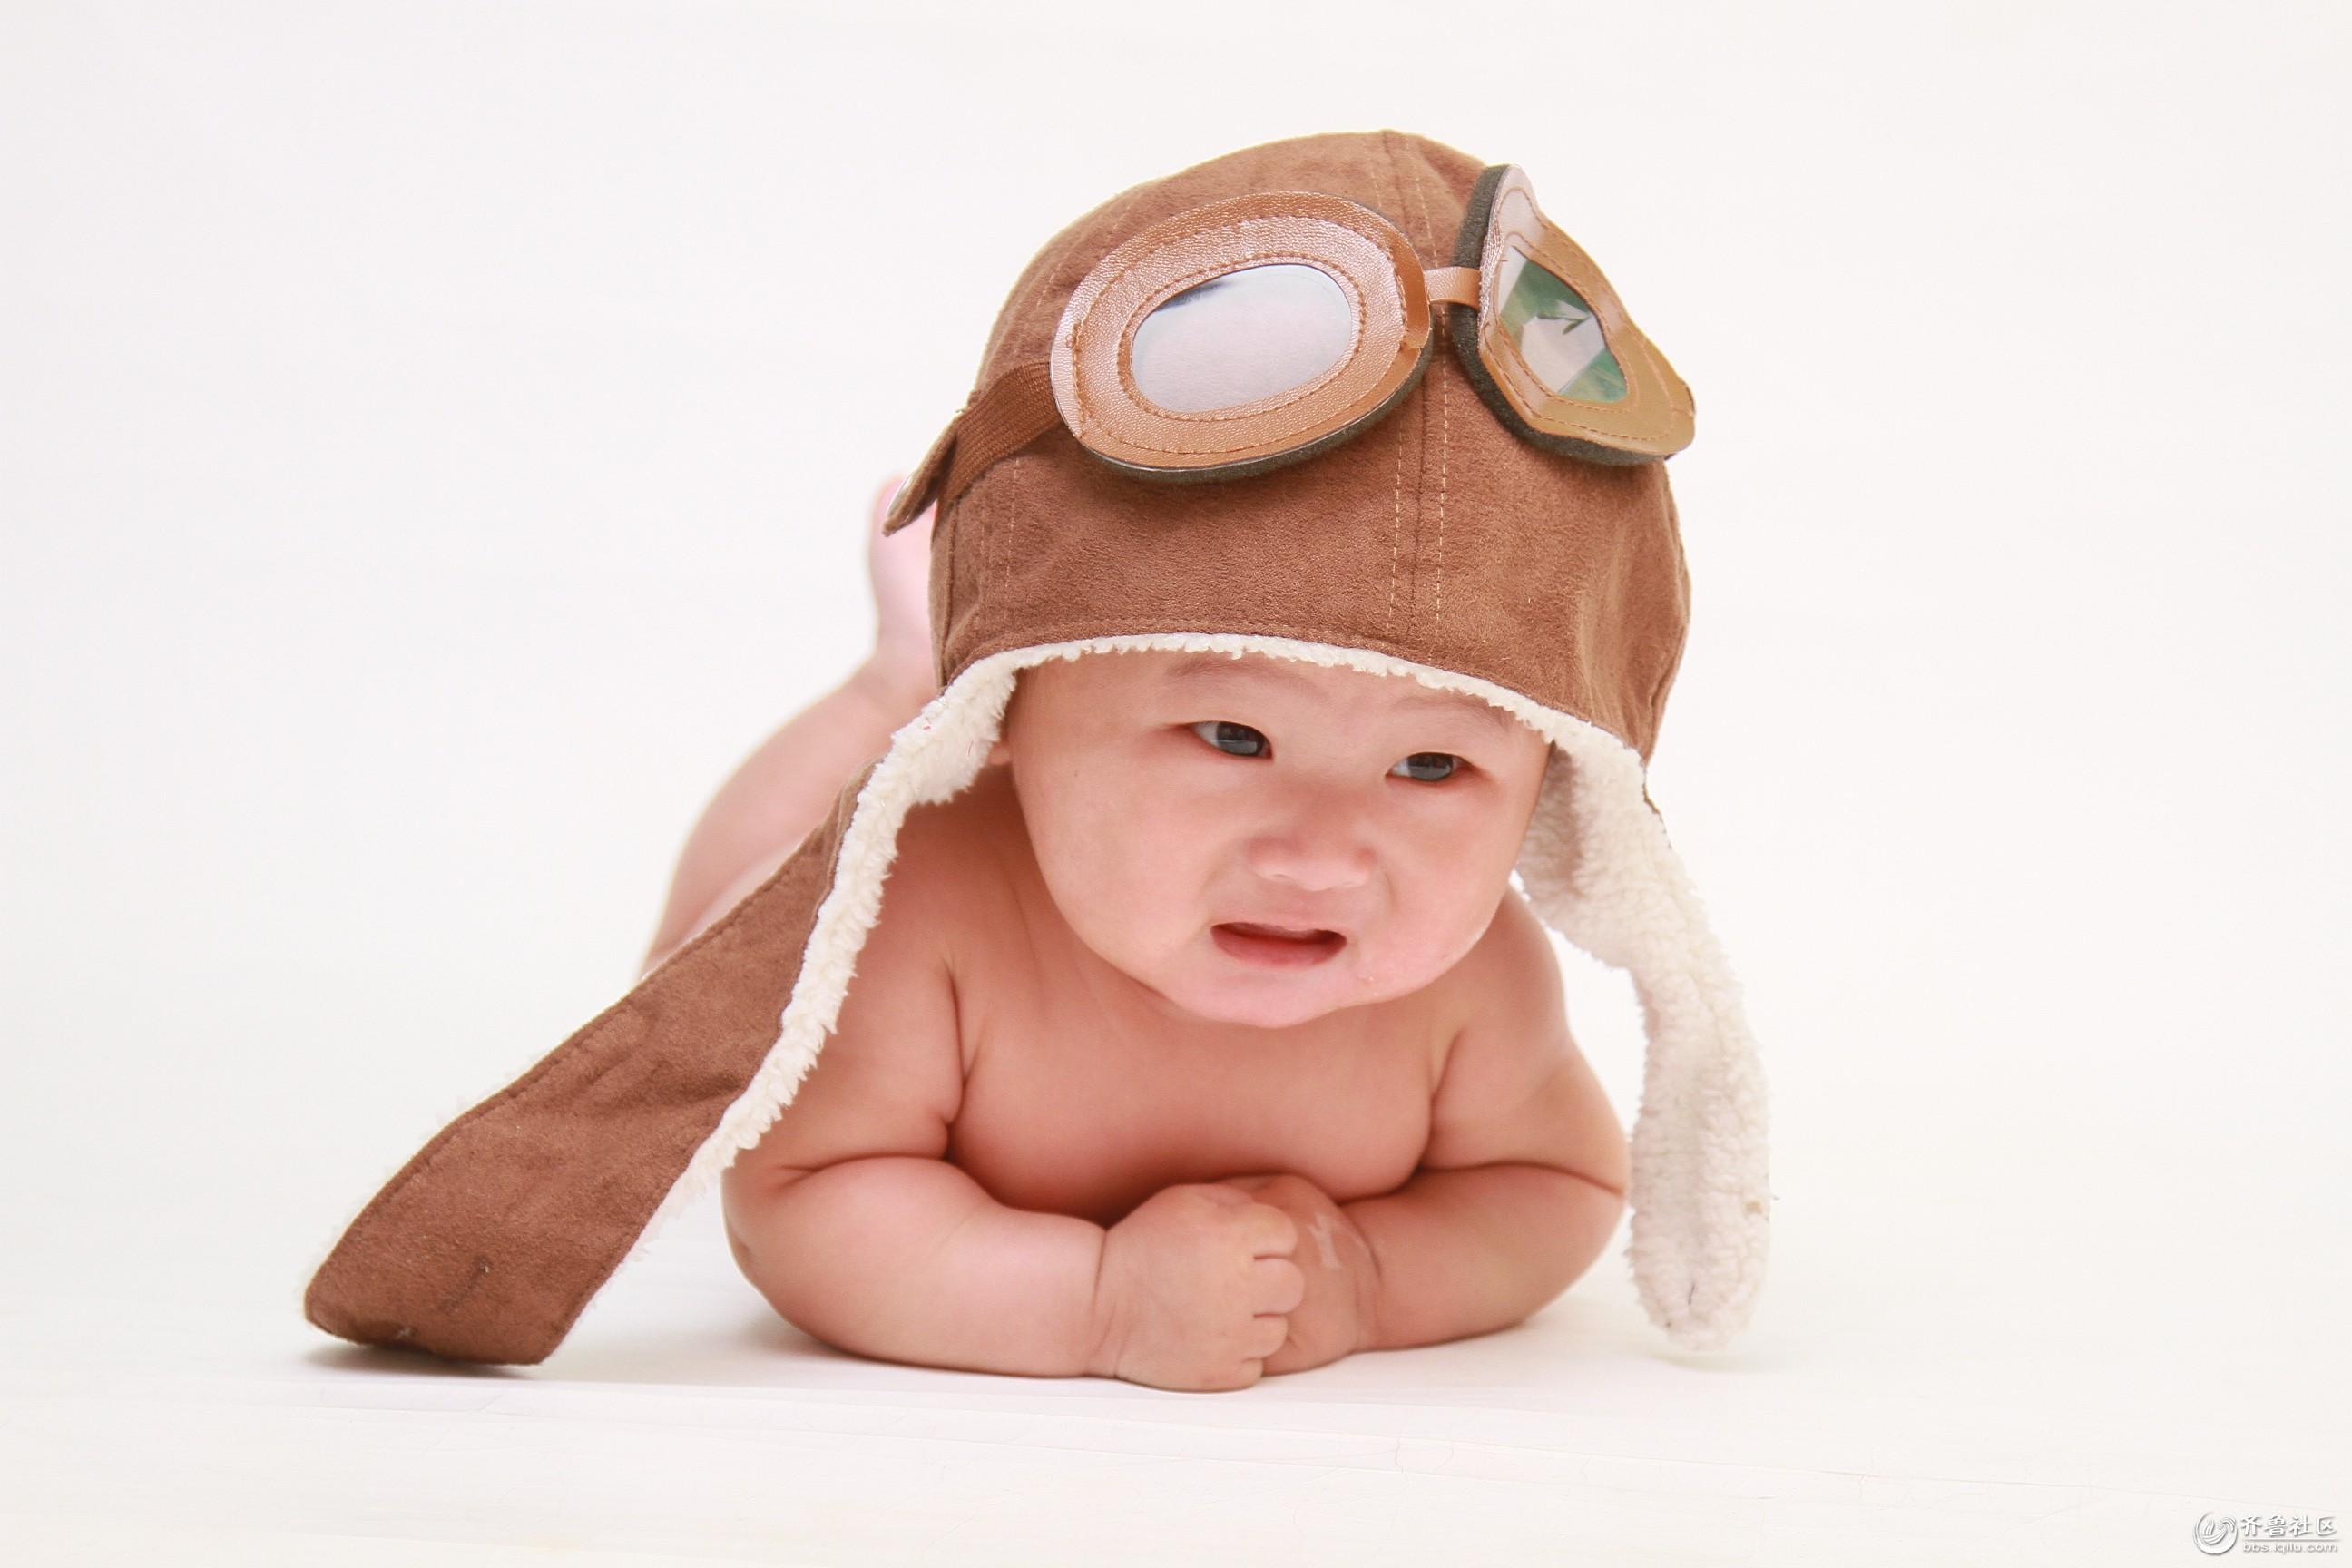 活泼可爱的孟宇辰,我是小小飞行员.